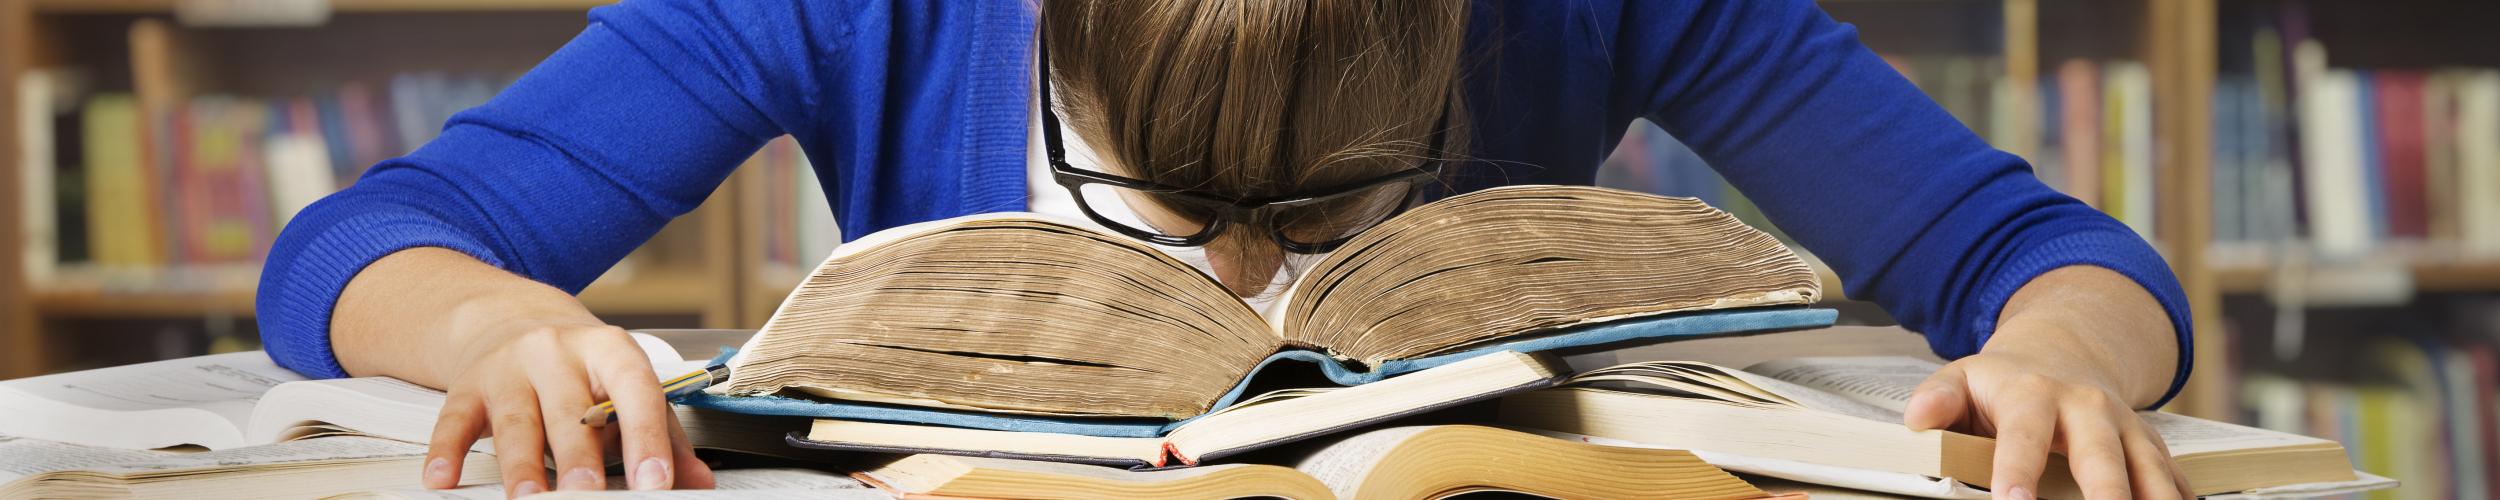 Leren leren